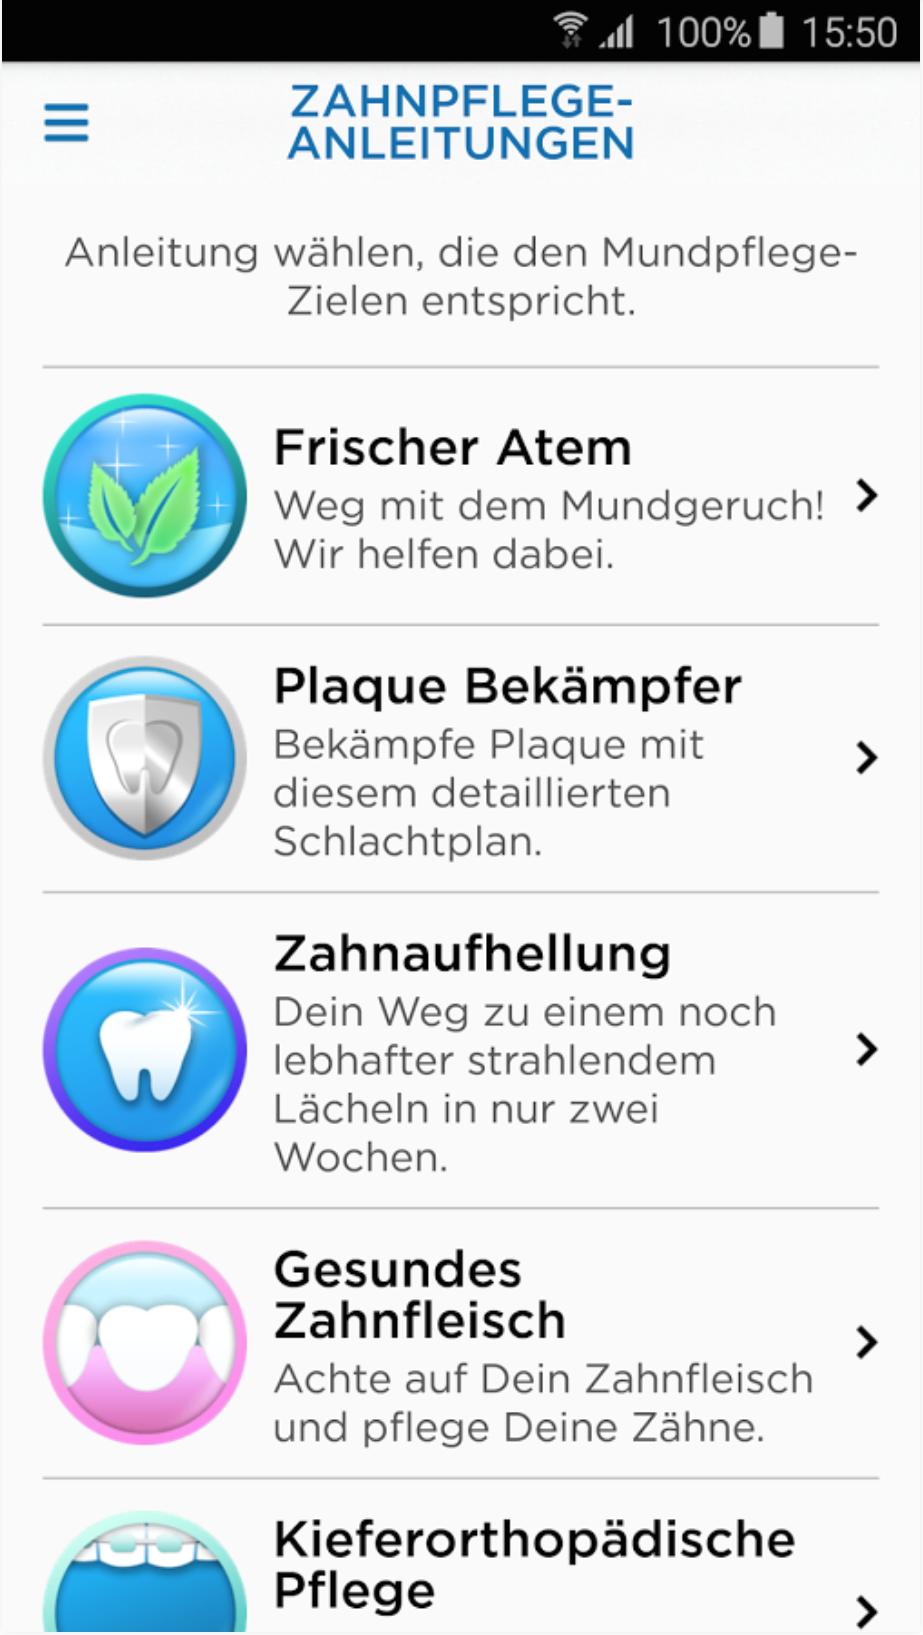 Zahnpflege der Zukunft: Oral-B interativ Zahnpflege-Anleitungen